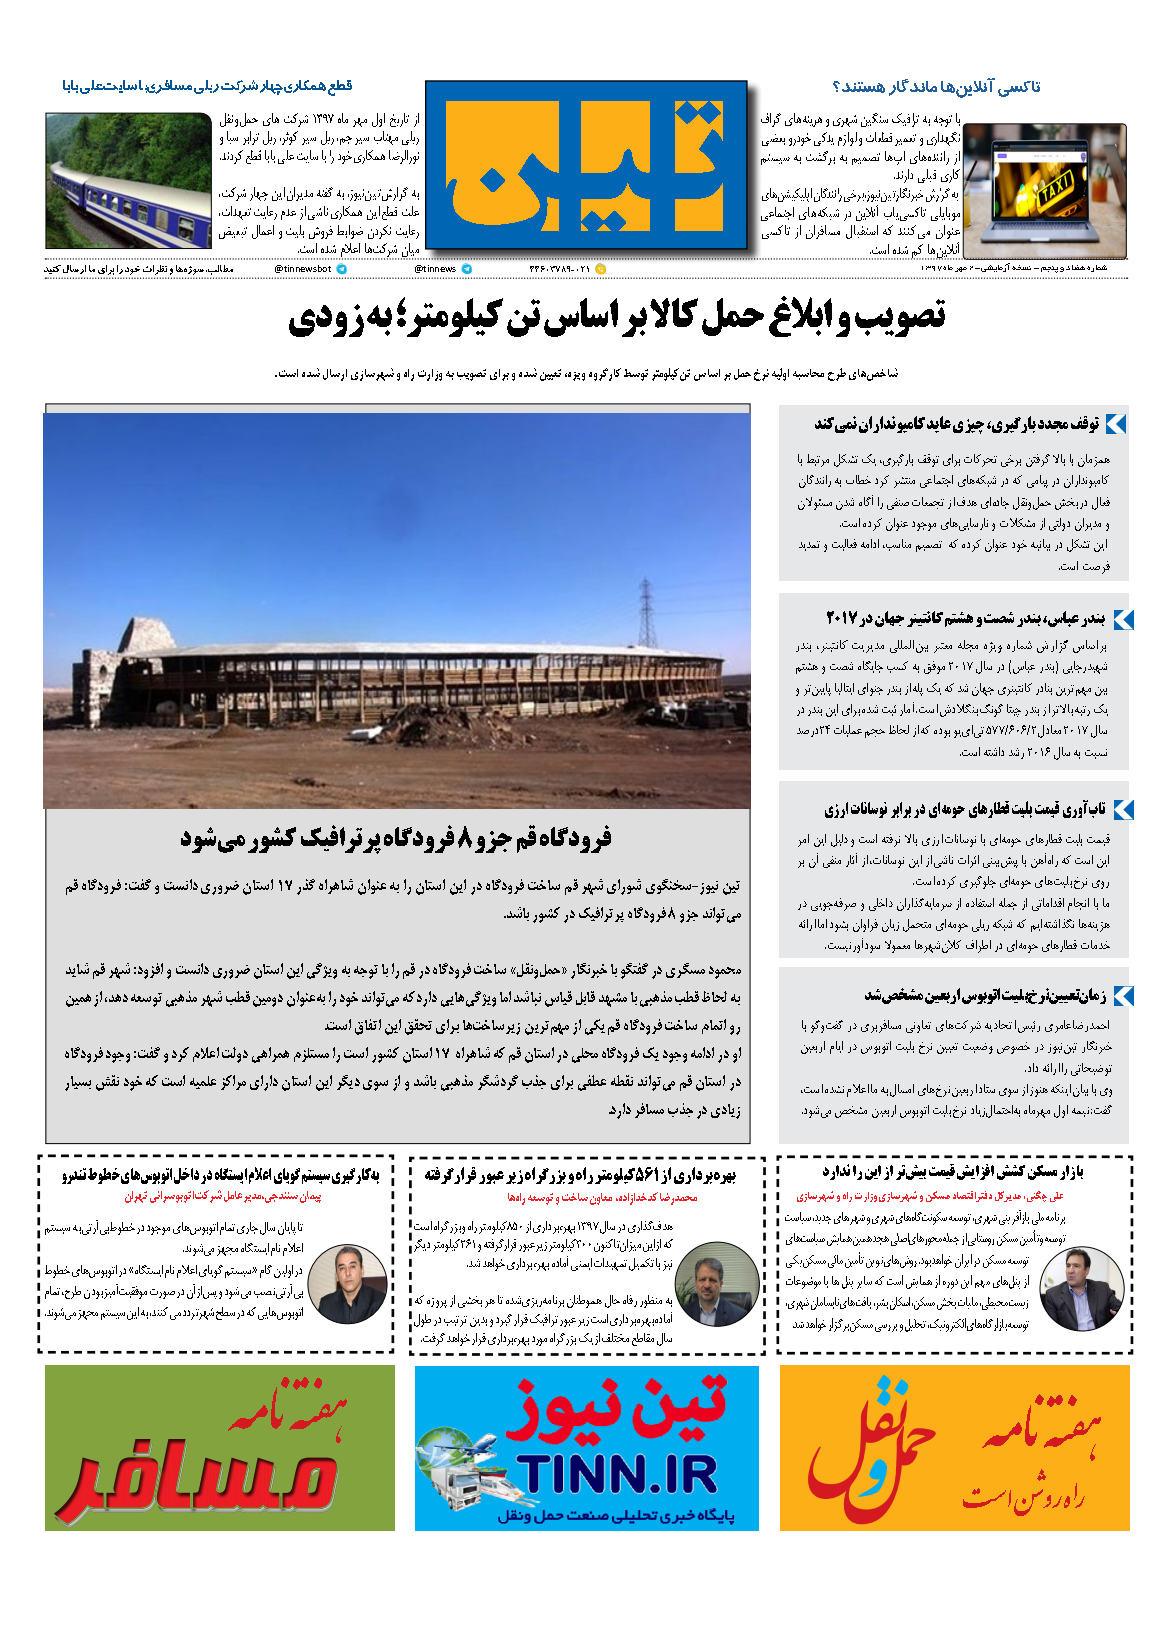 روزنامه الکترونیک2  مهر ماه 97